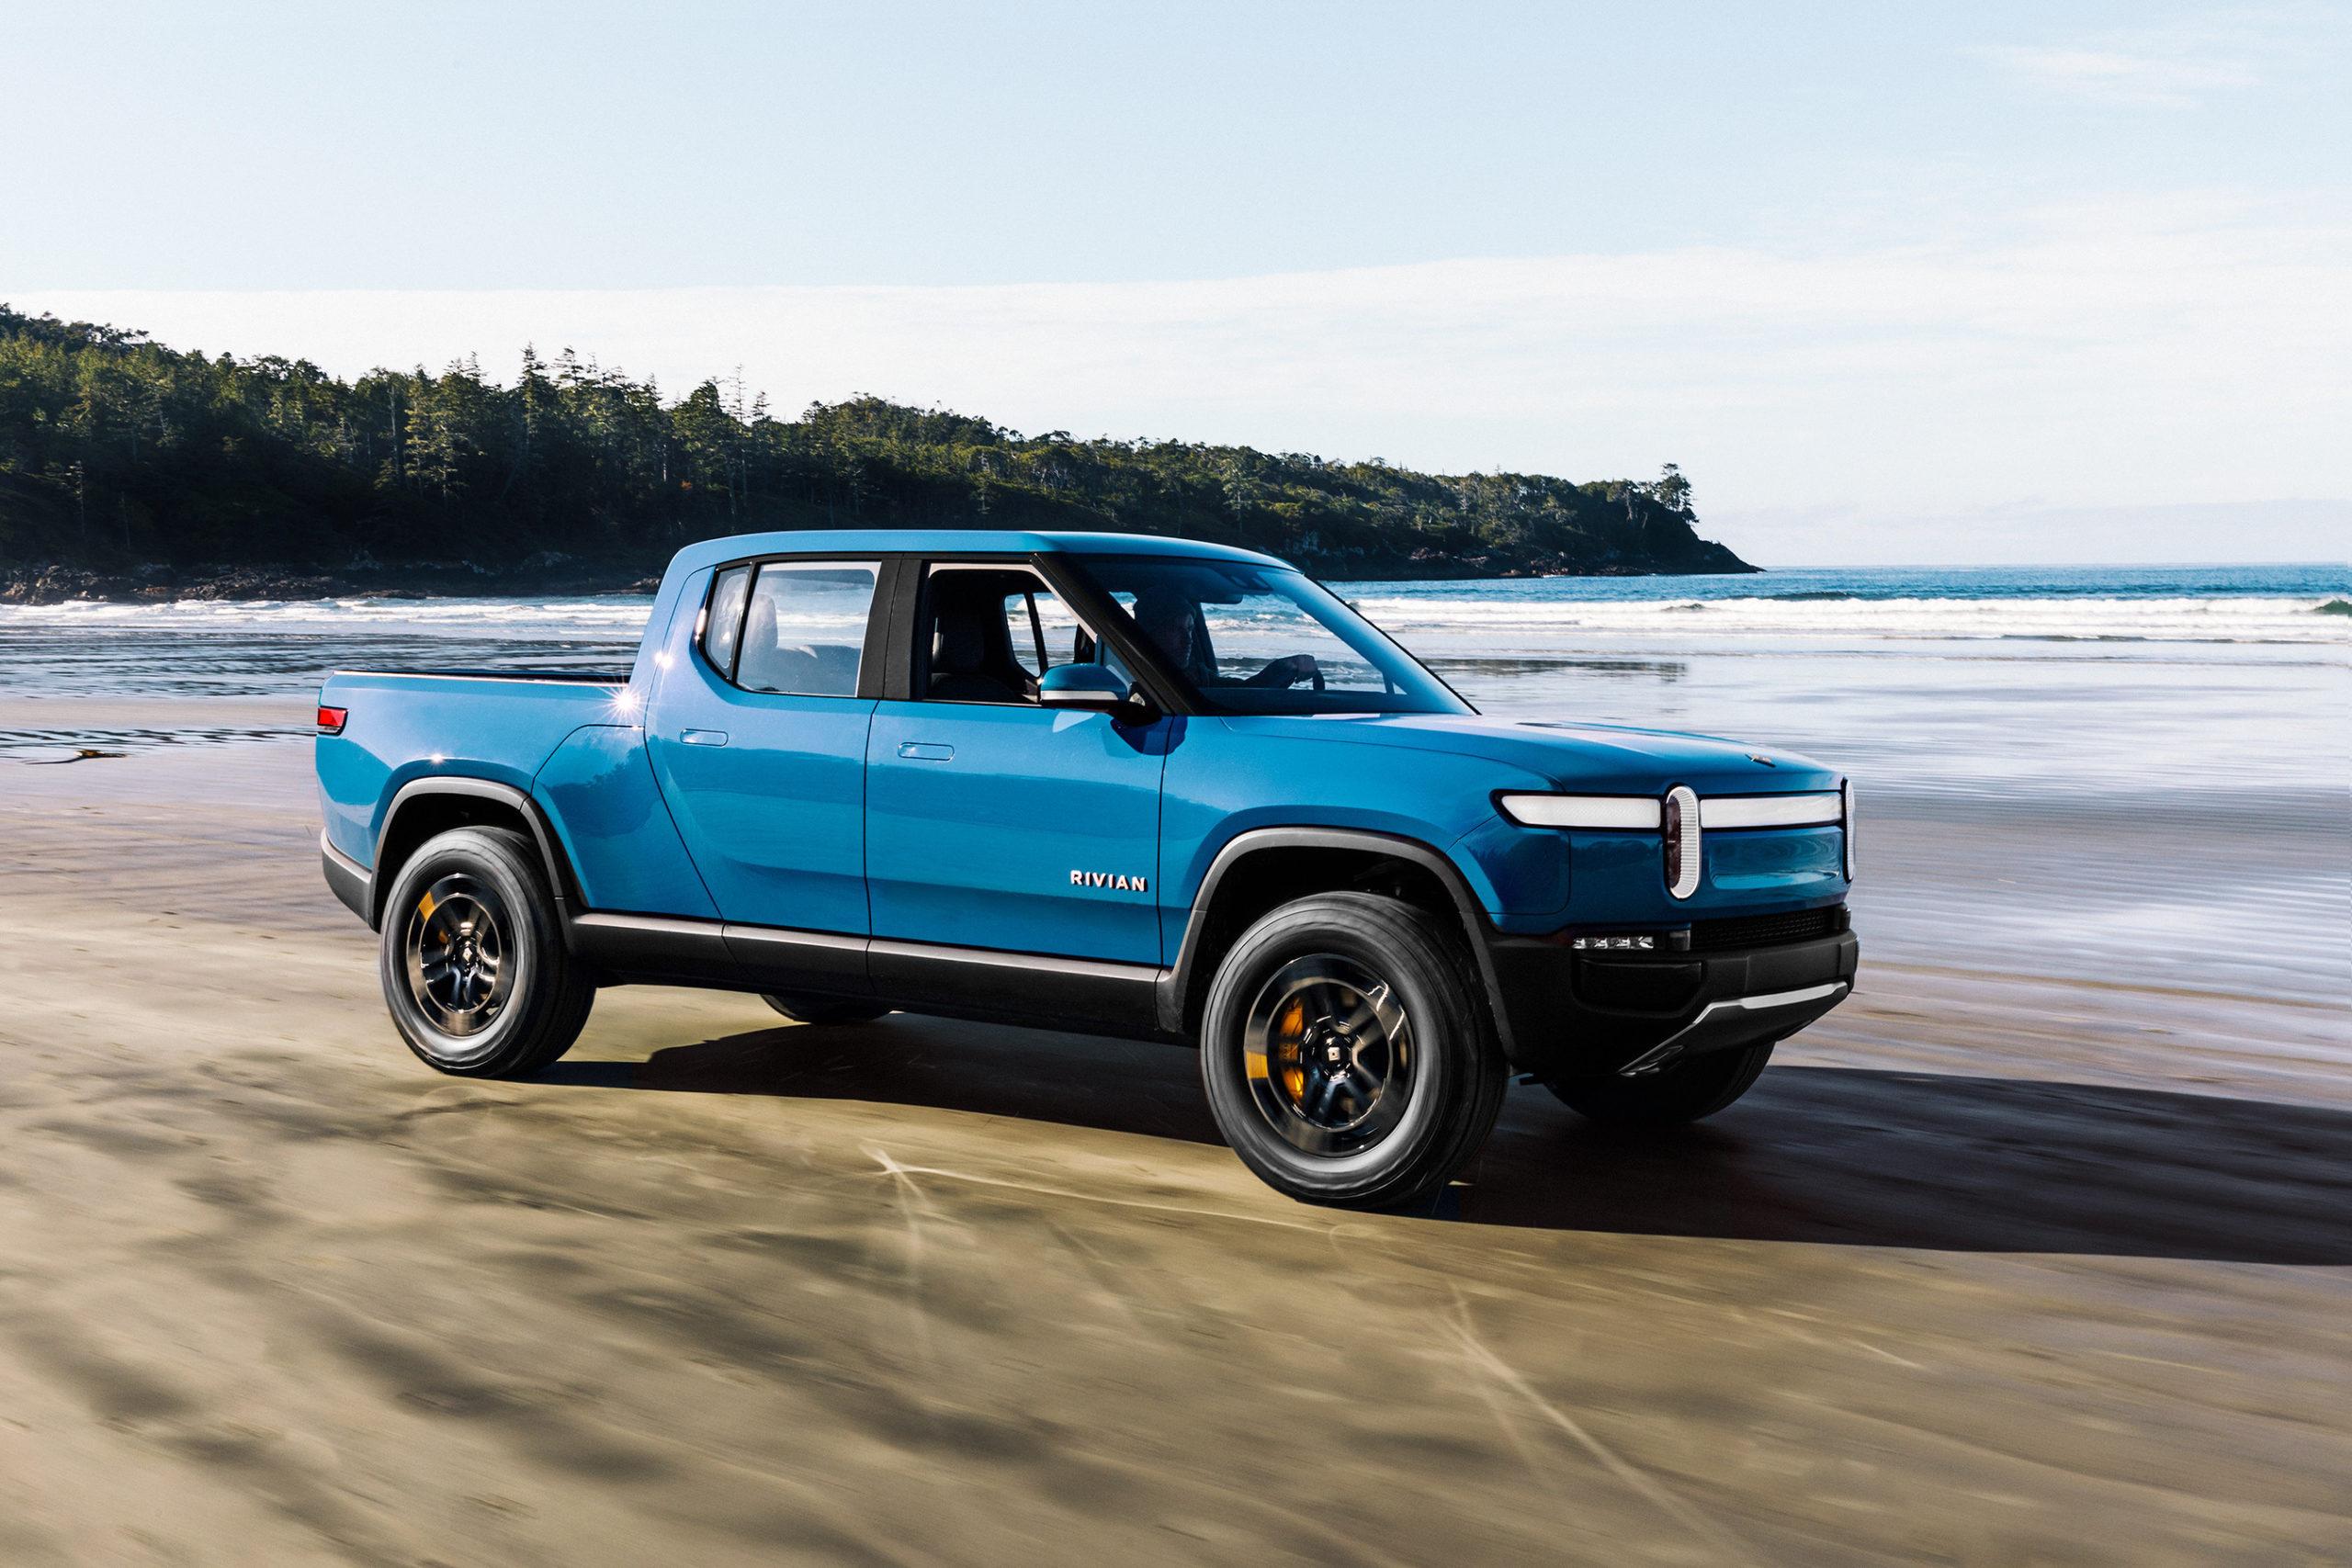 rivian truck beach